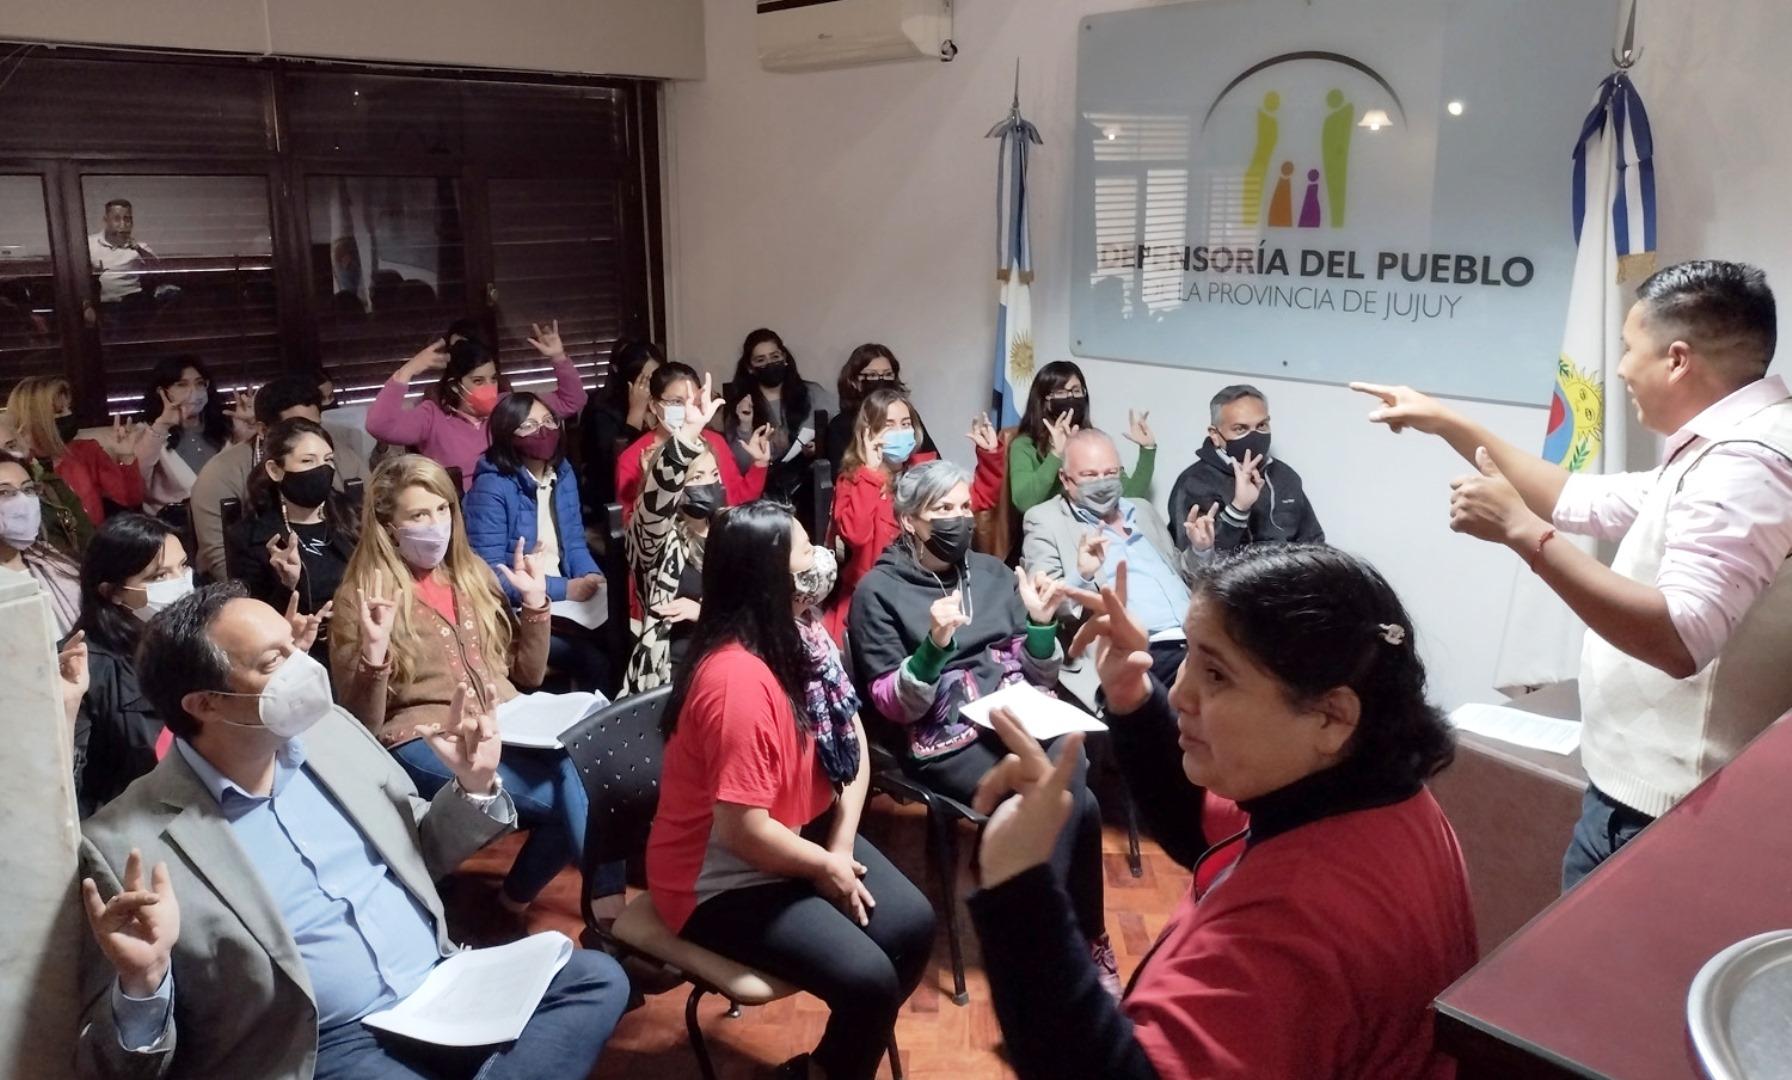 Defensoría del Pueblo: Personal se capacita en lenguaje de señas